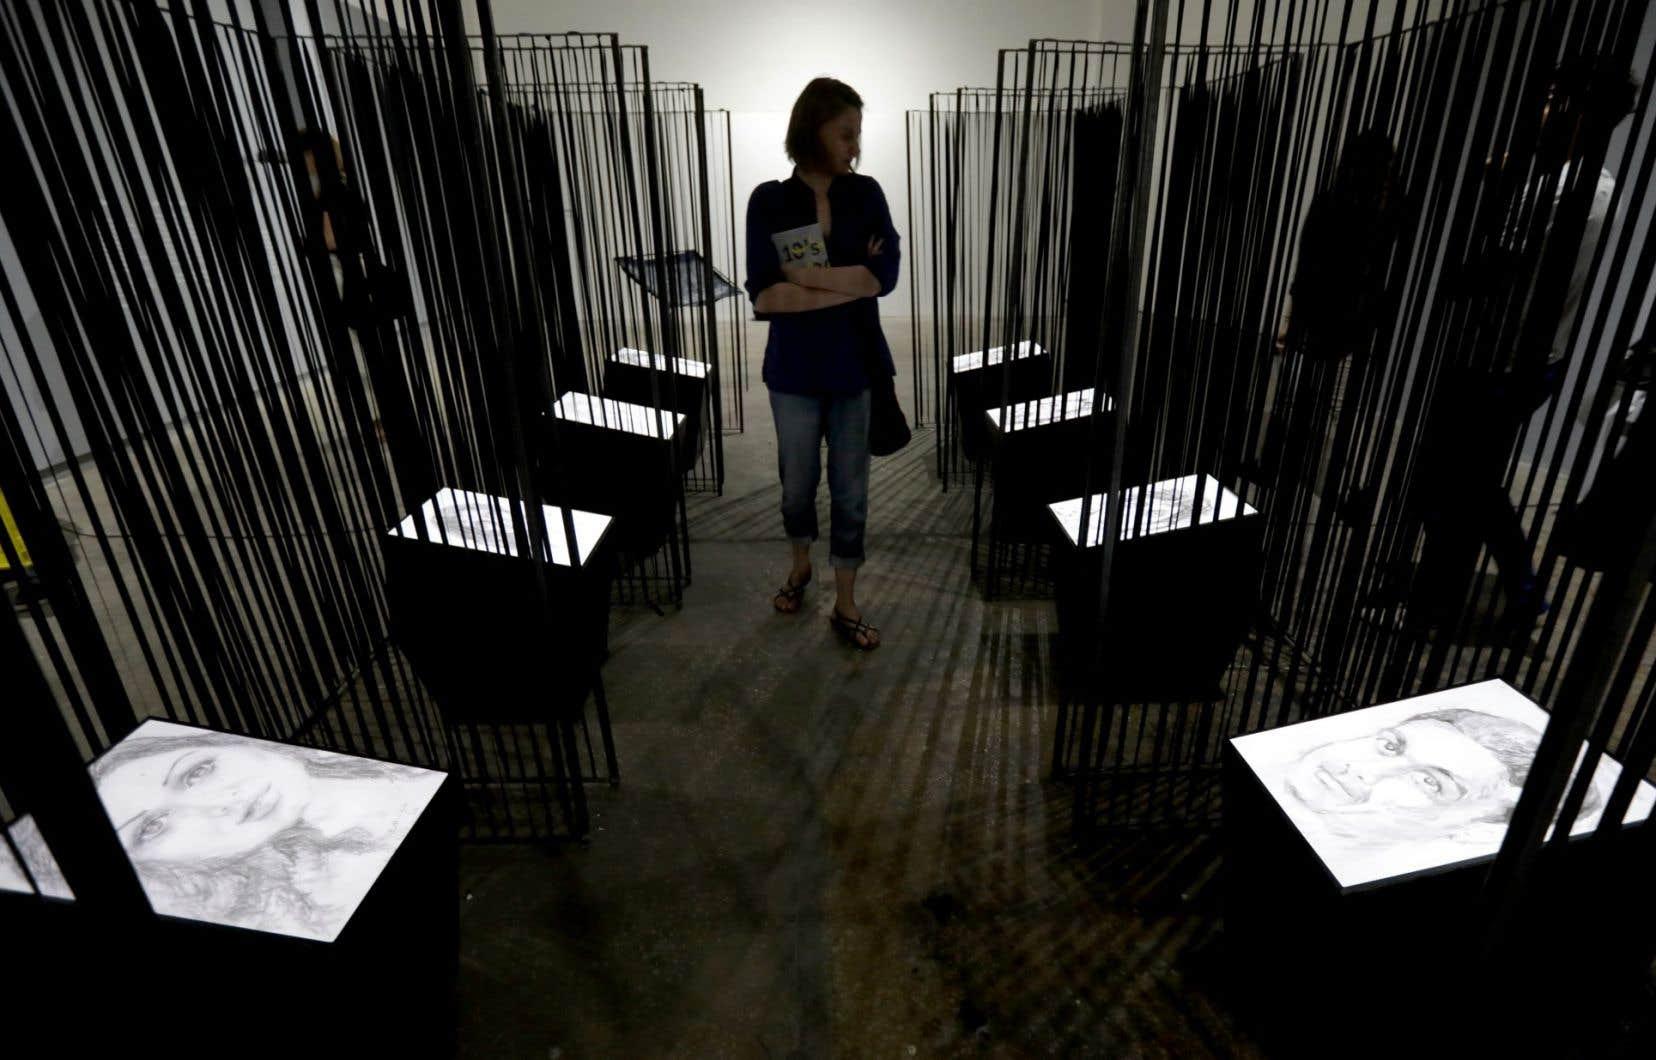 Une exposition organisée par Amnesty International à Beyrouth montre entre autres des dessins de l'artiste syrienne Azza Abu Rebieh, qui a représenté ses amis détenus ou kidnappés en Syrie.